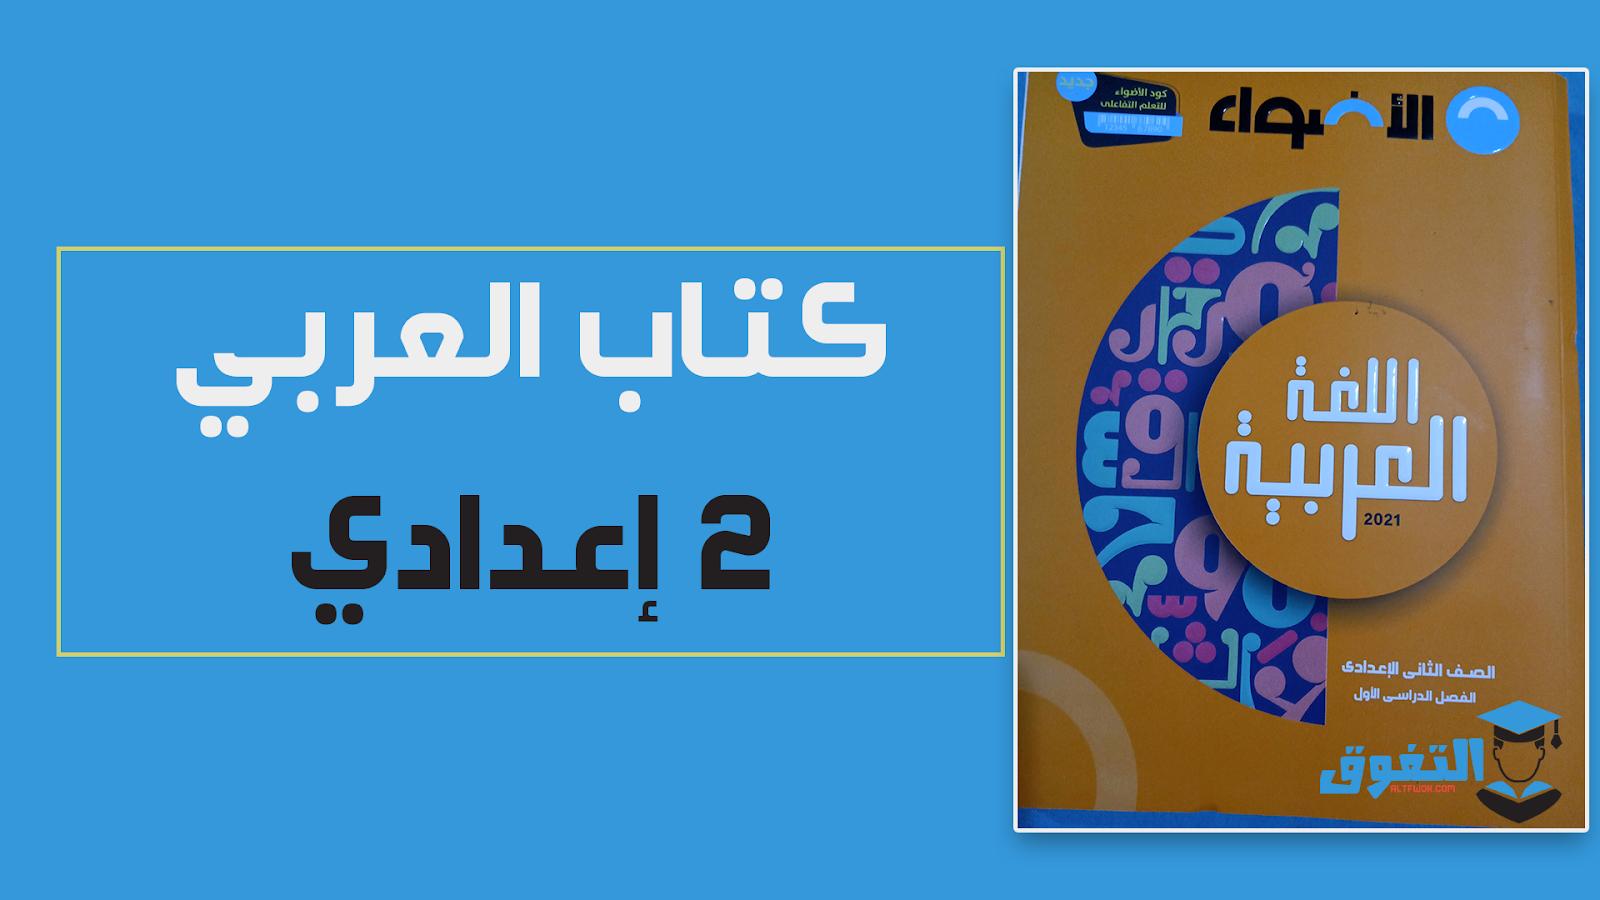 تحميل كتاب الأضواء فى اللغة العربية pdf للصف الثانى الإعدادى الترم الأول 2021 (النسخة الجديدة)